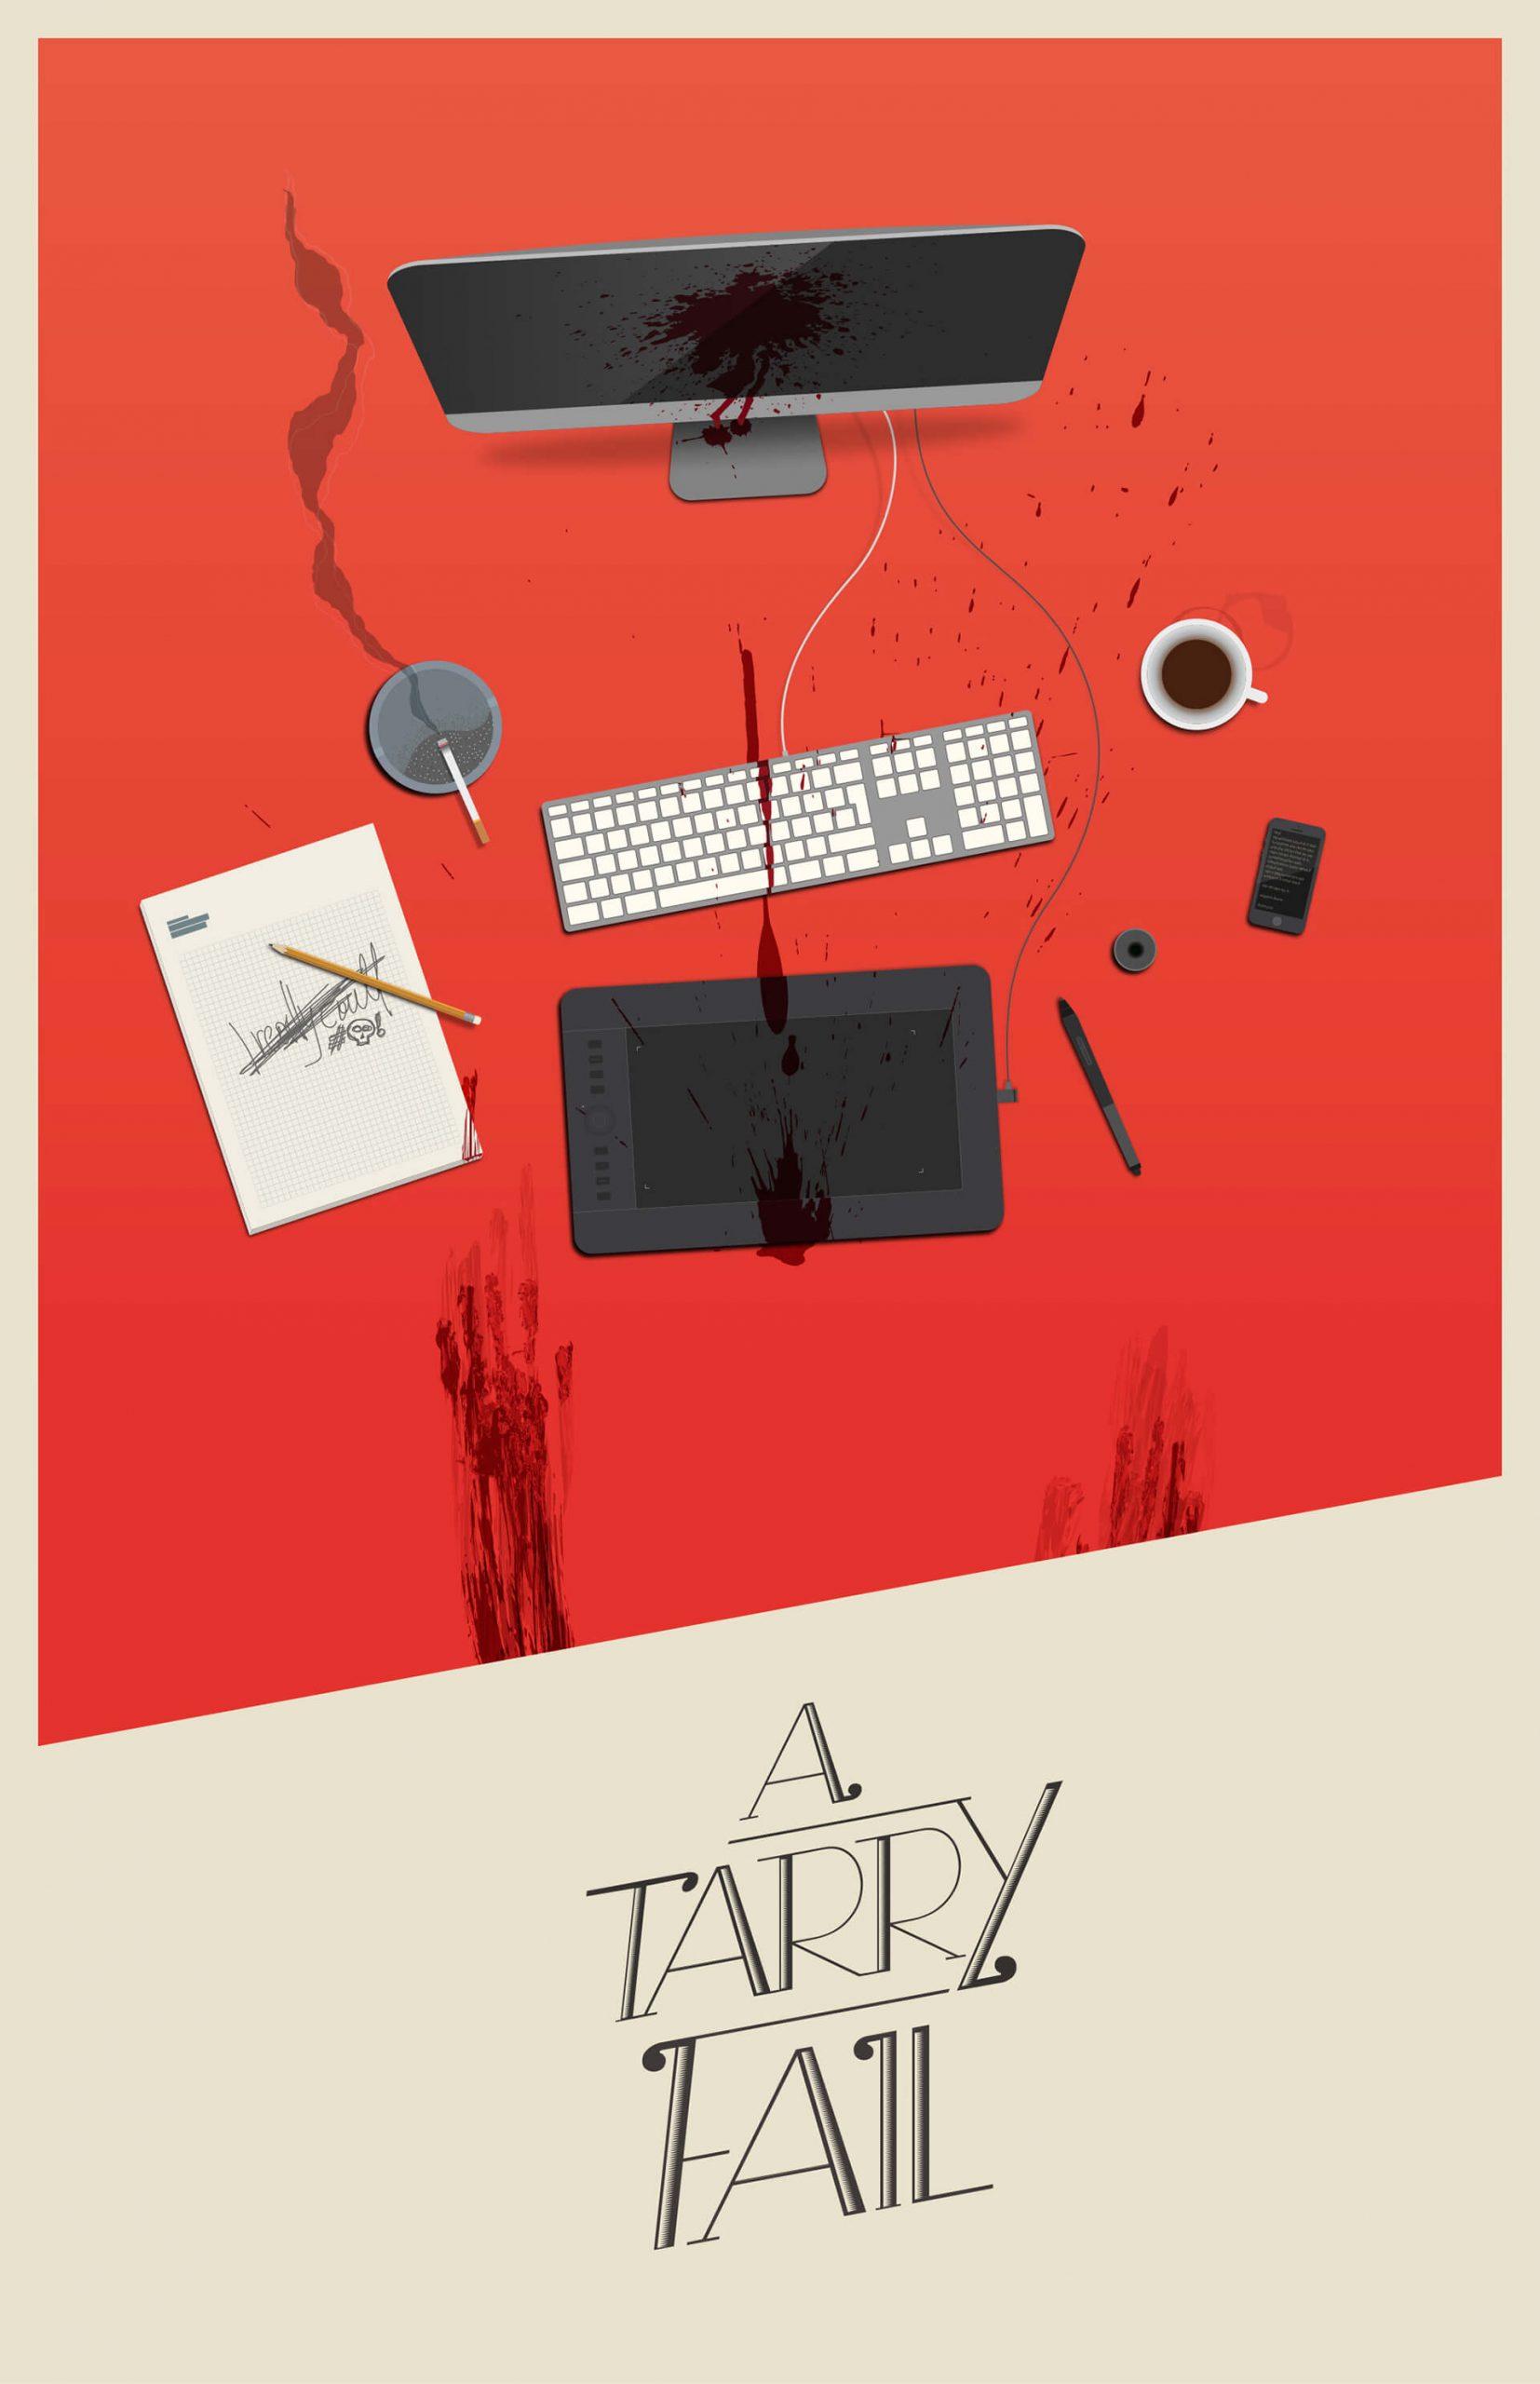 TARRY_FAIL